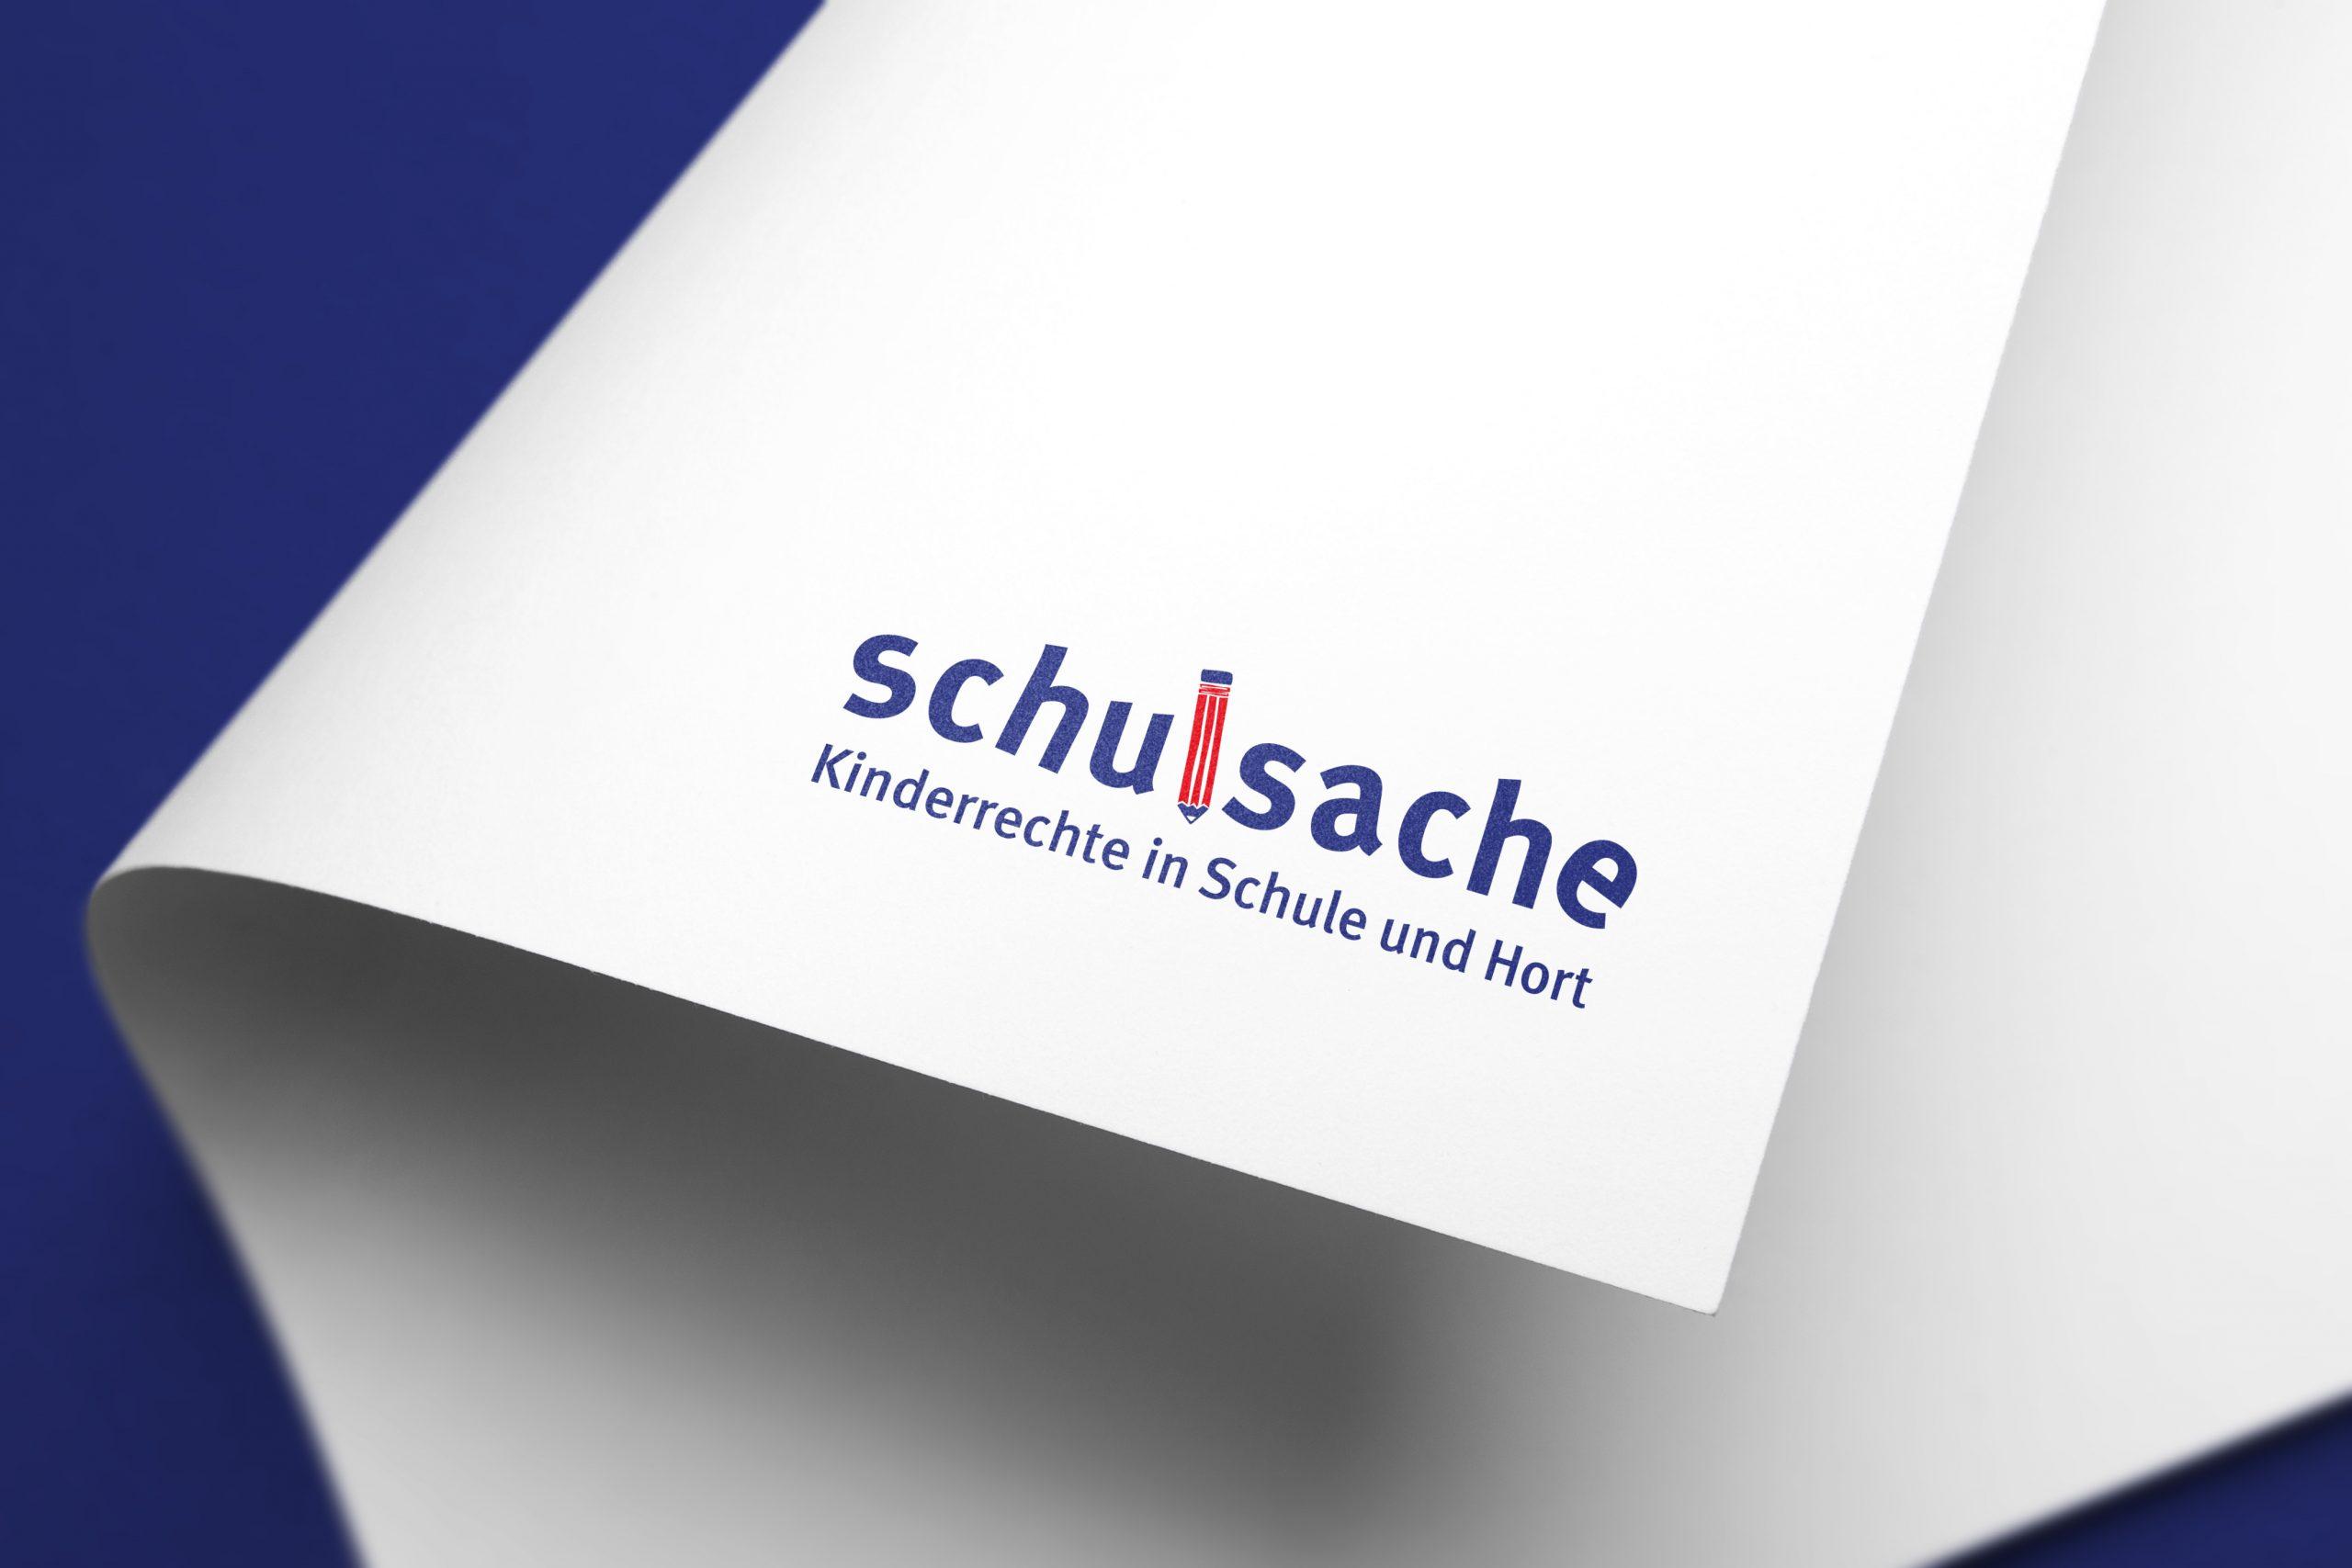 Logo schulsache